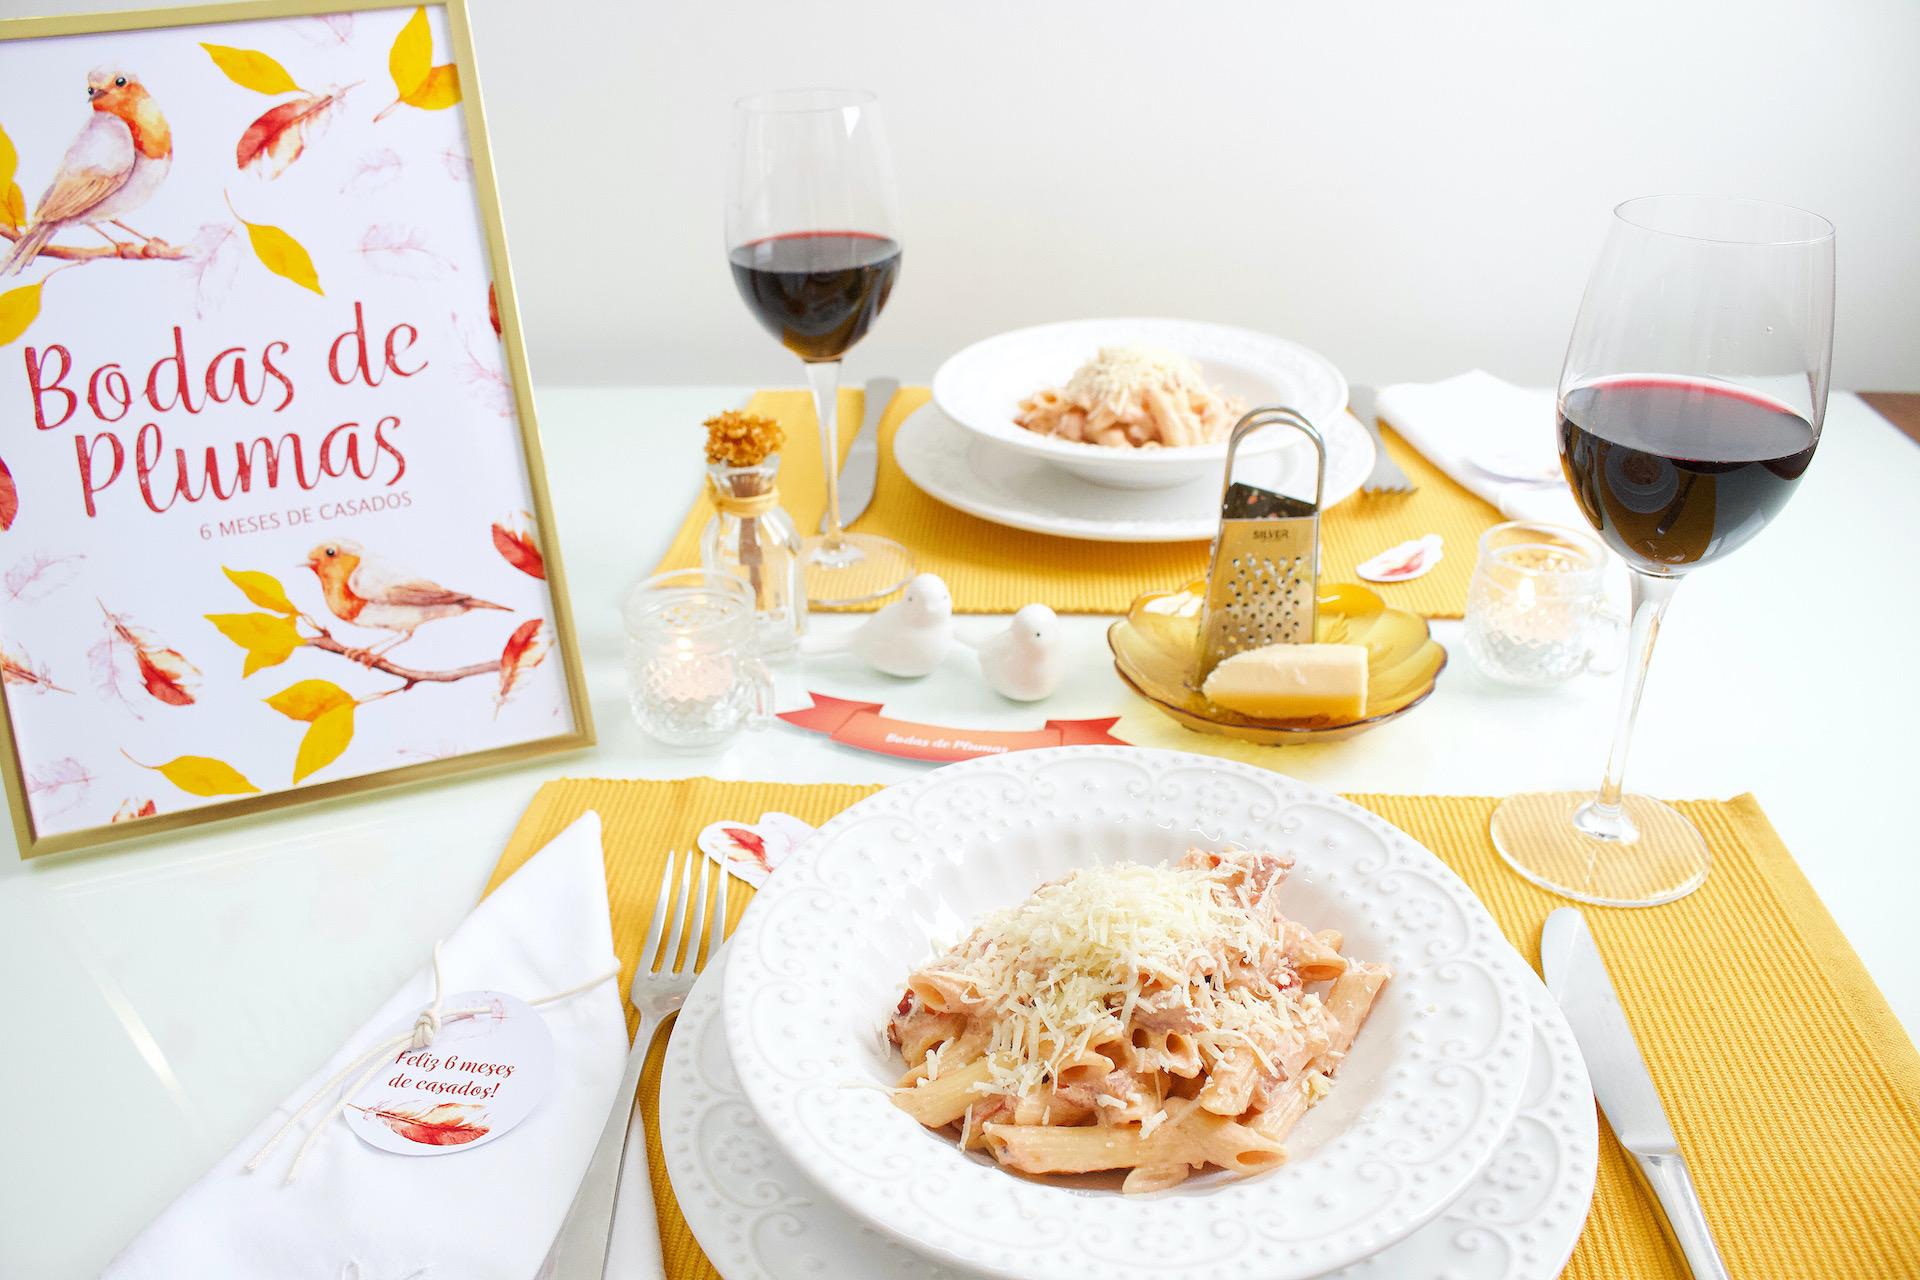 jantar romântico em casa para comemorar bodas de plumas